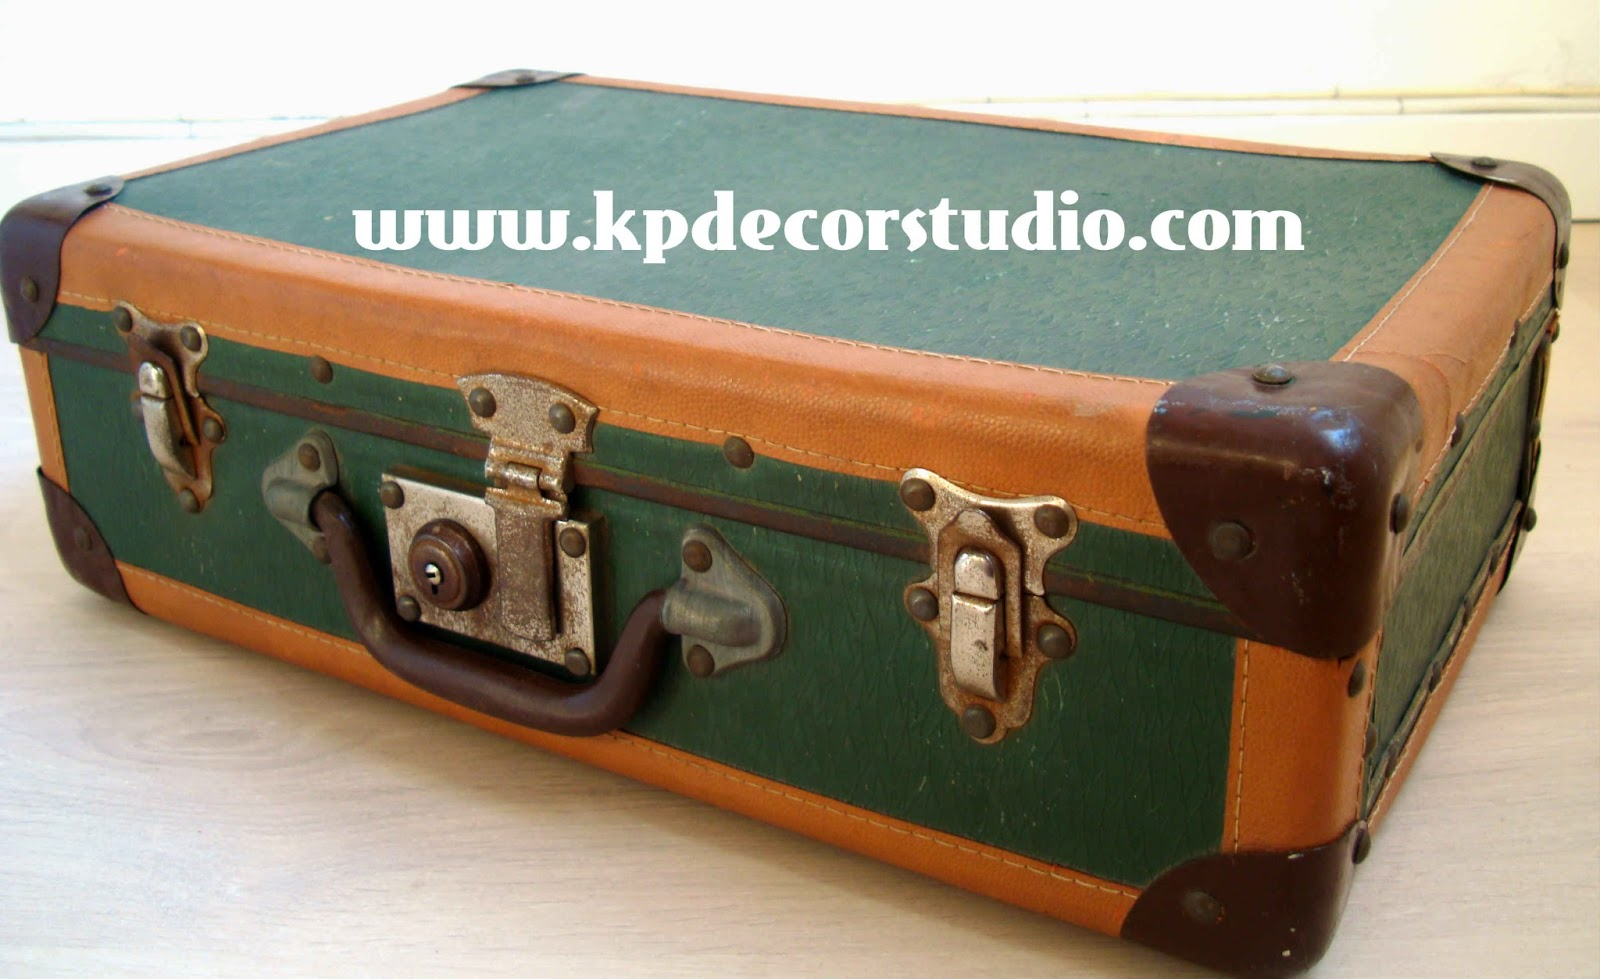 443b83cc6 Valencia tienda online. buy old suitcase, valise, comprar maleta antigua  años